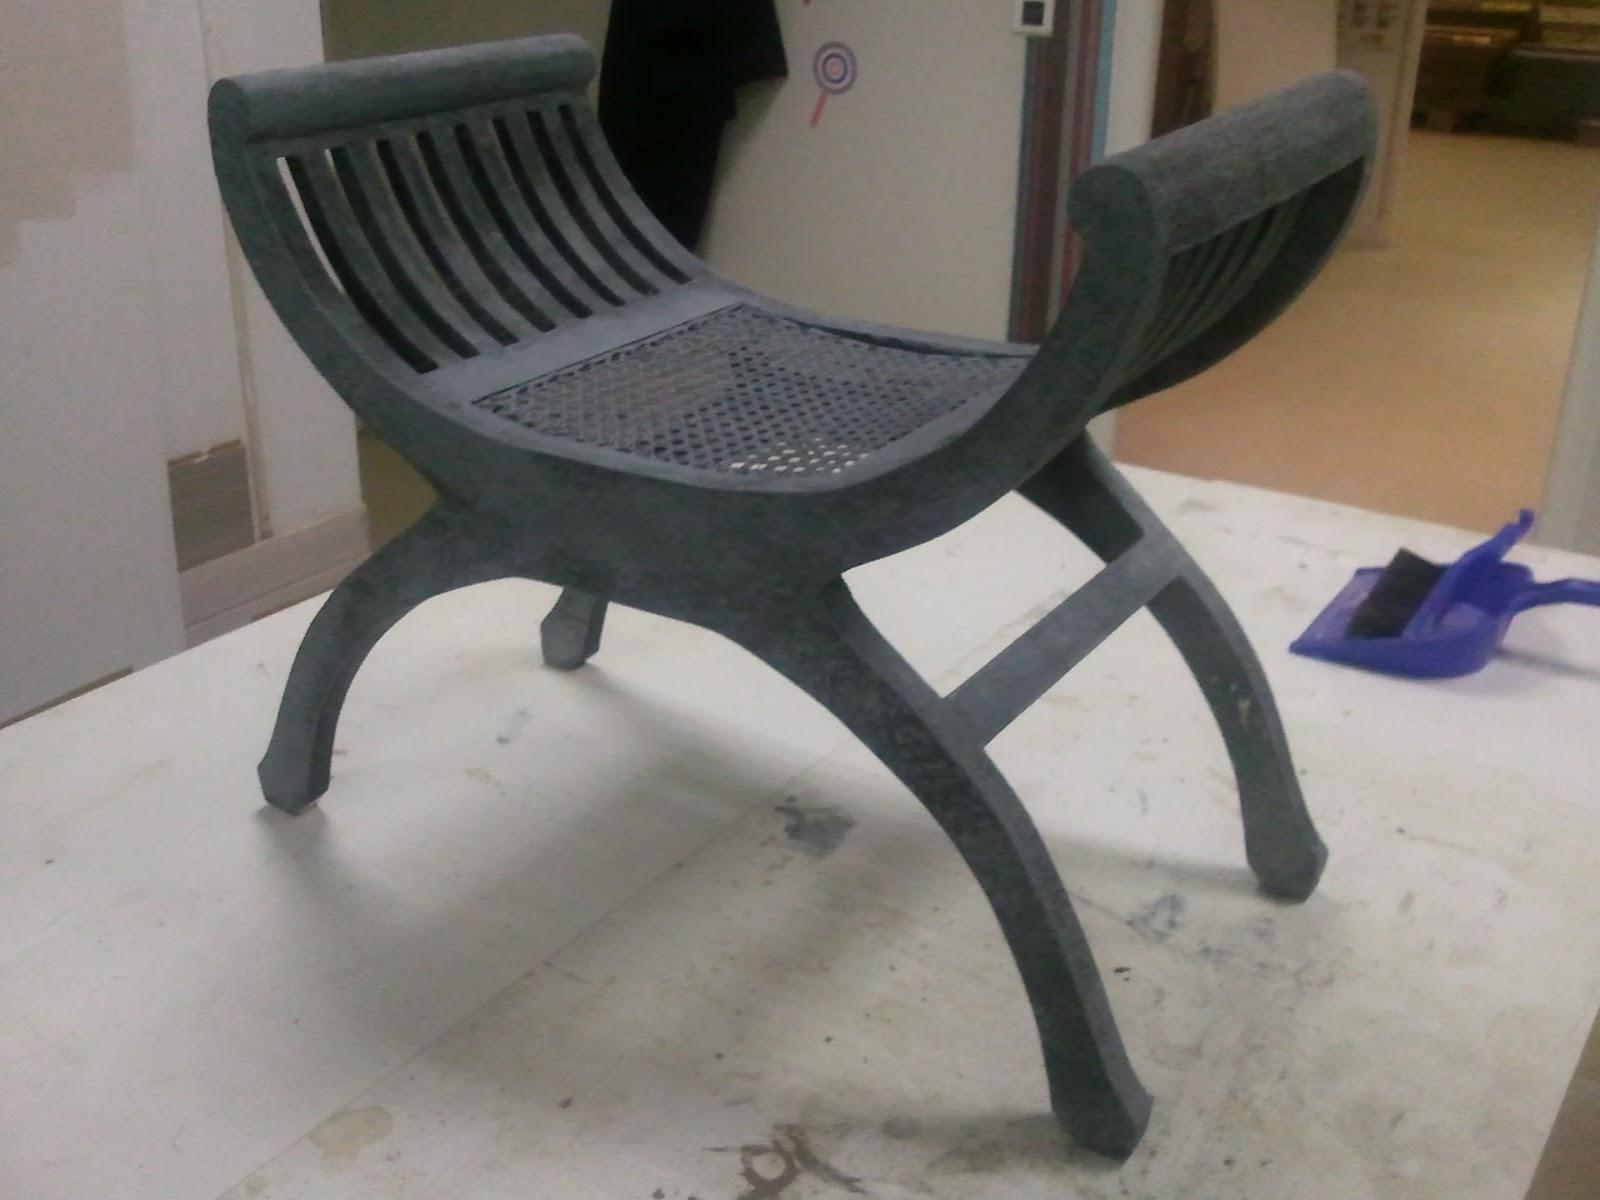 Peinture Sur Meuble Ancien cours de bricolage.admt: peinture sur meuble : relooking